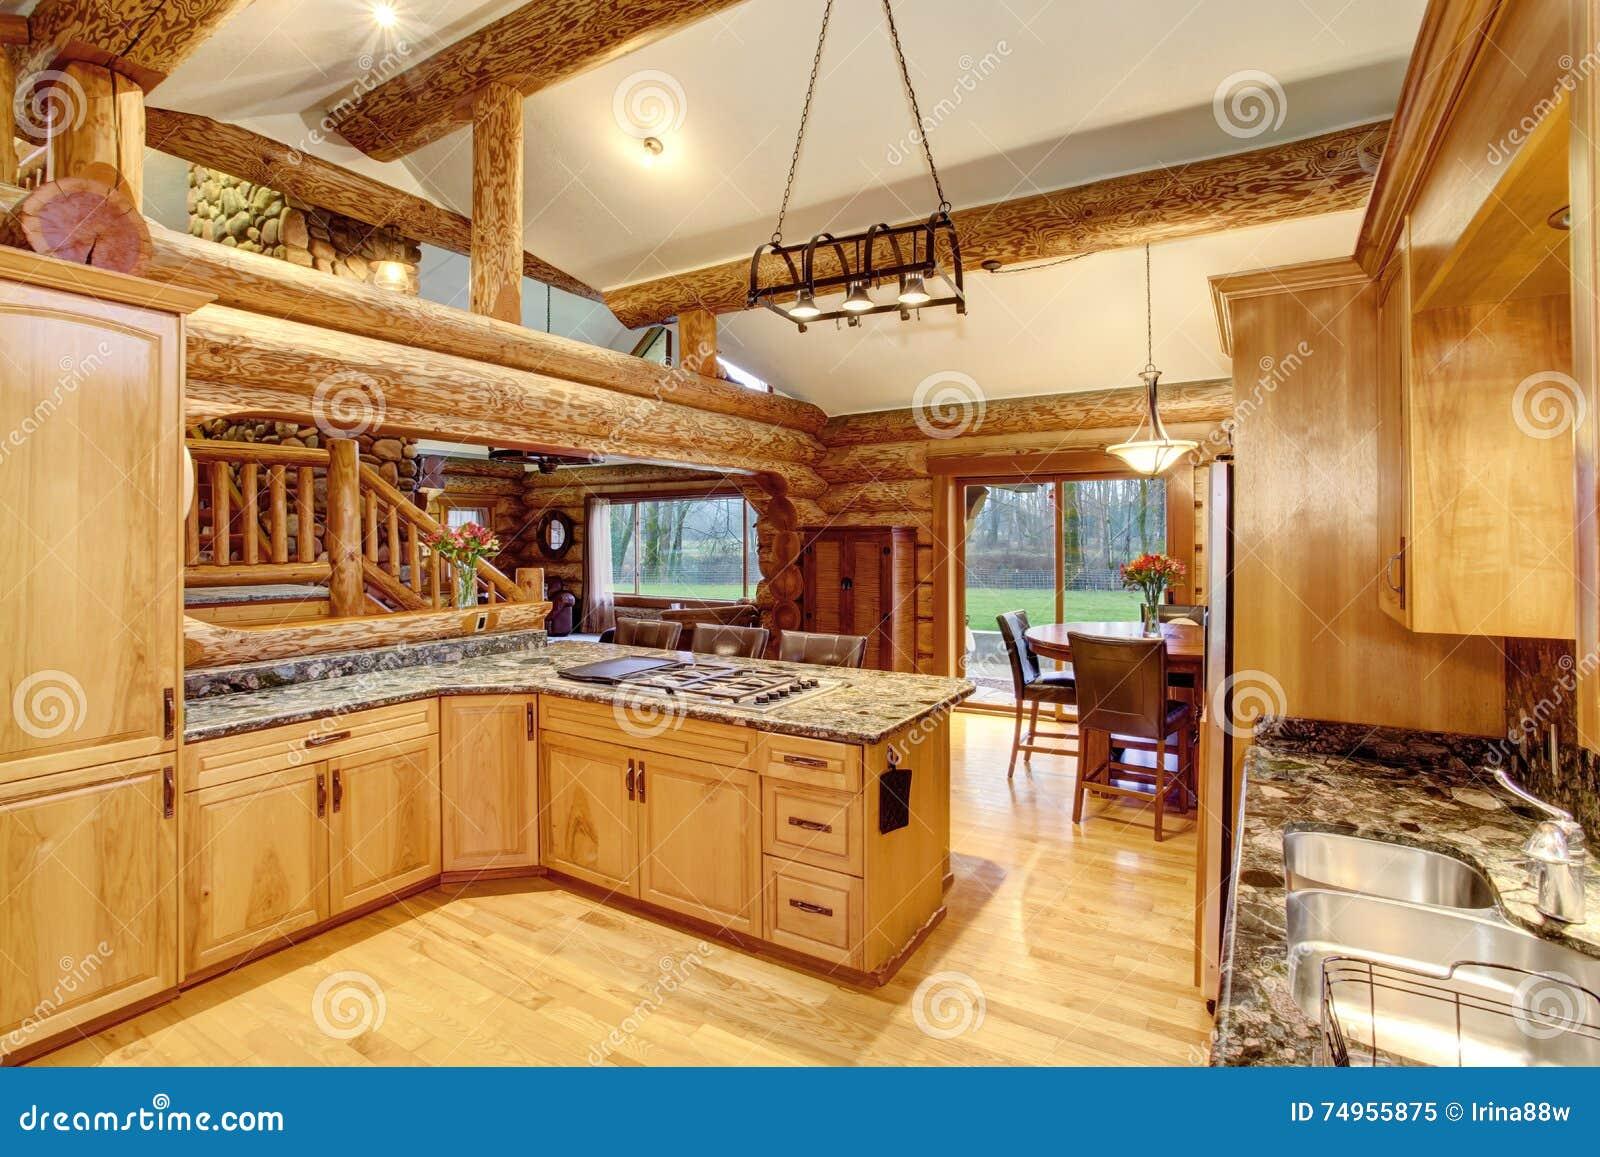 Dise o interior de la cocina de la caba a de madera con for Diseno interior cocina